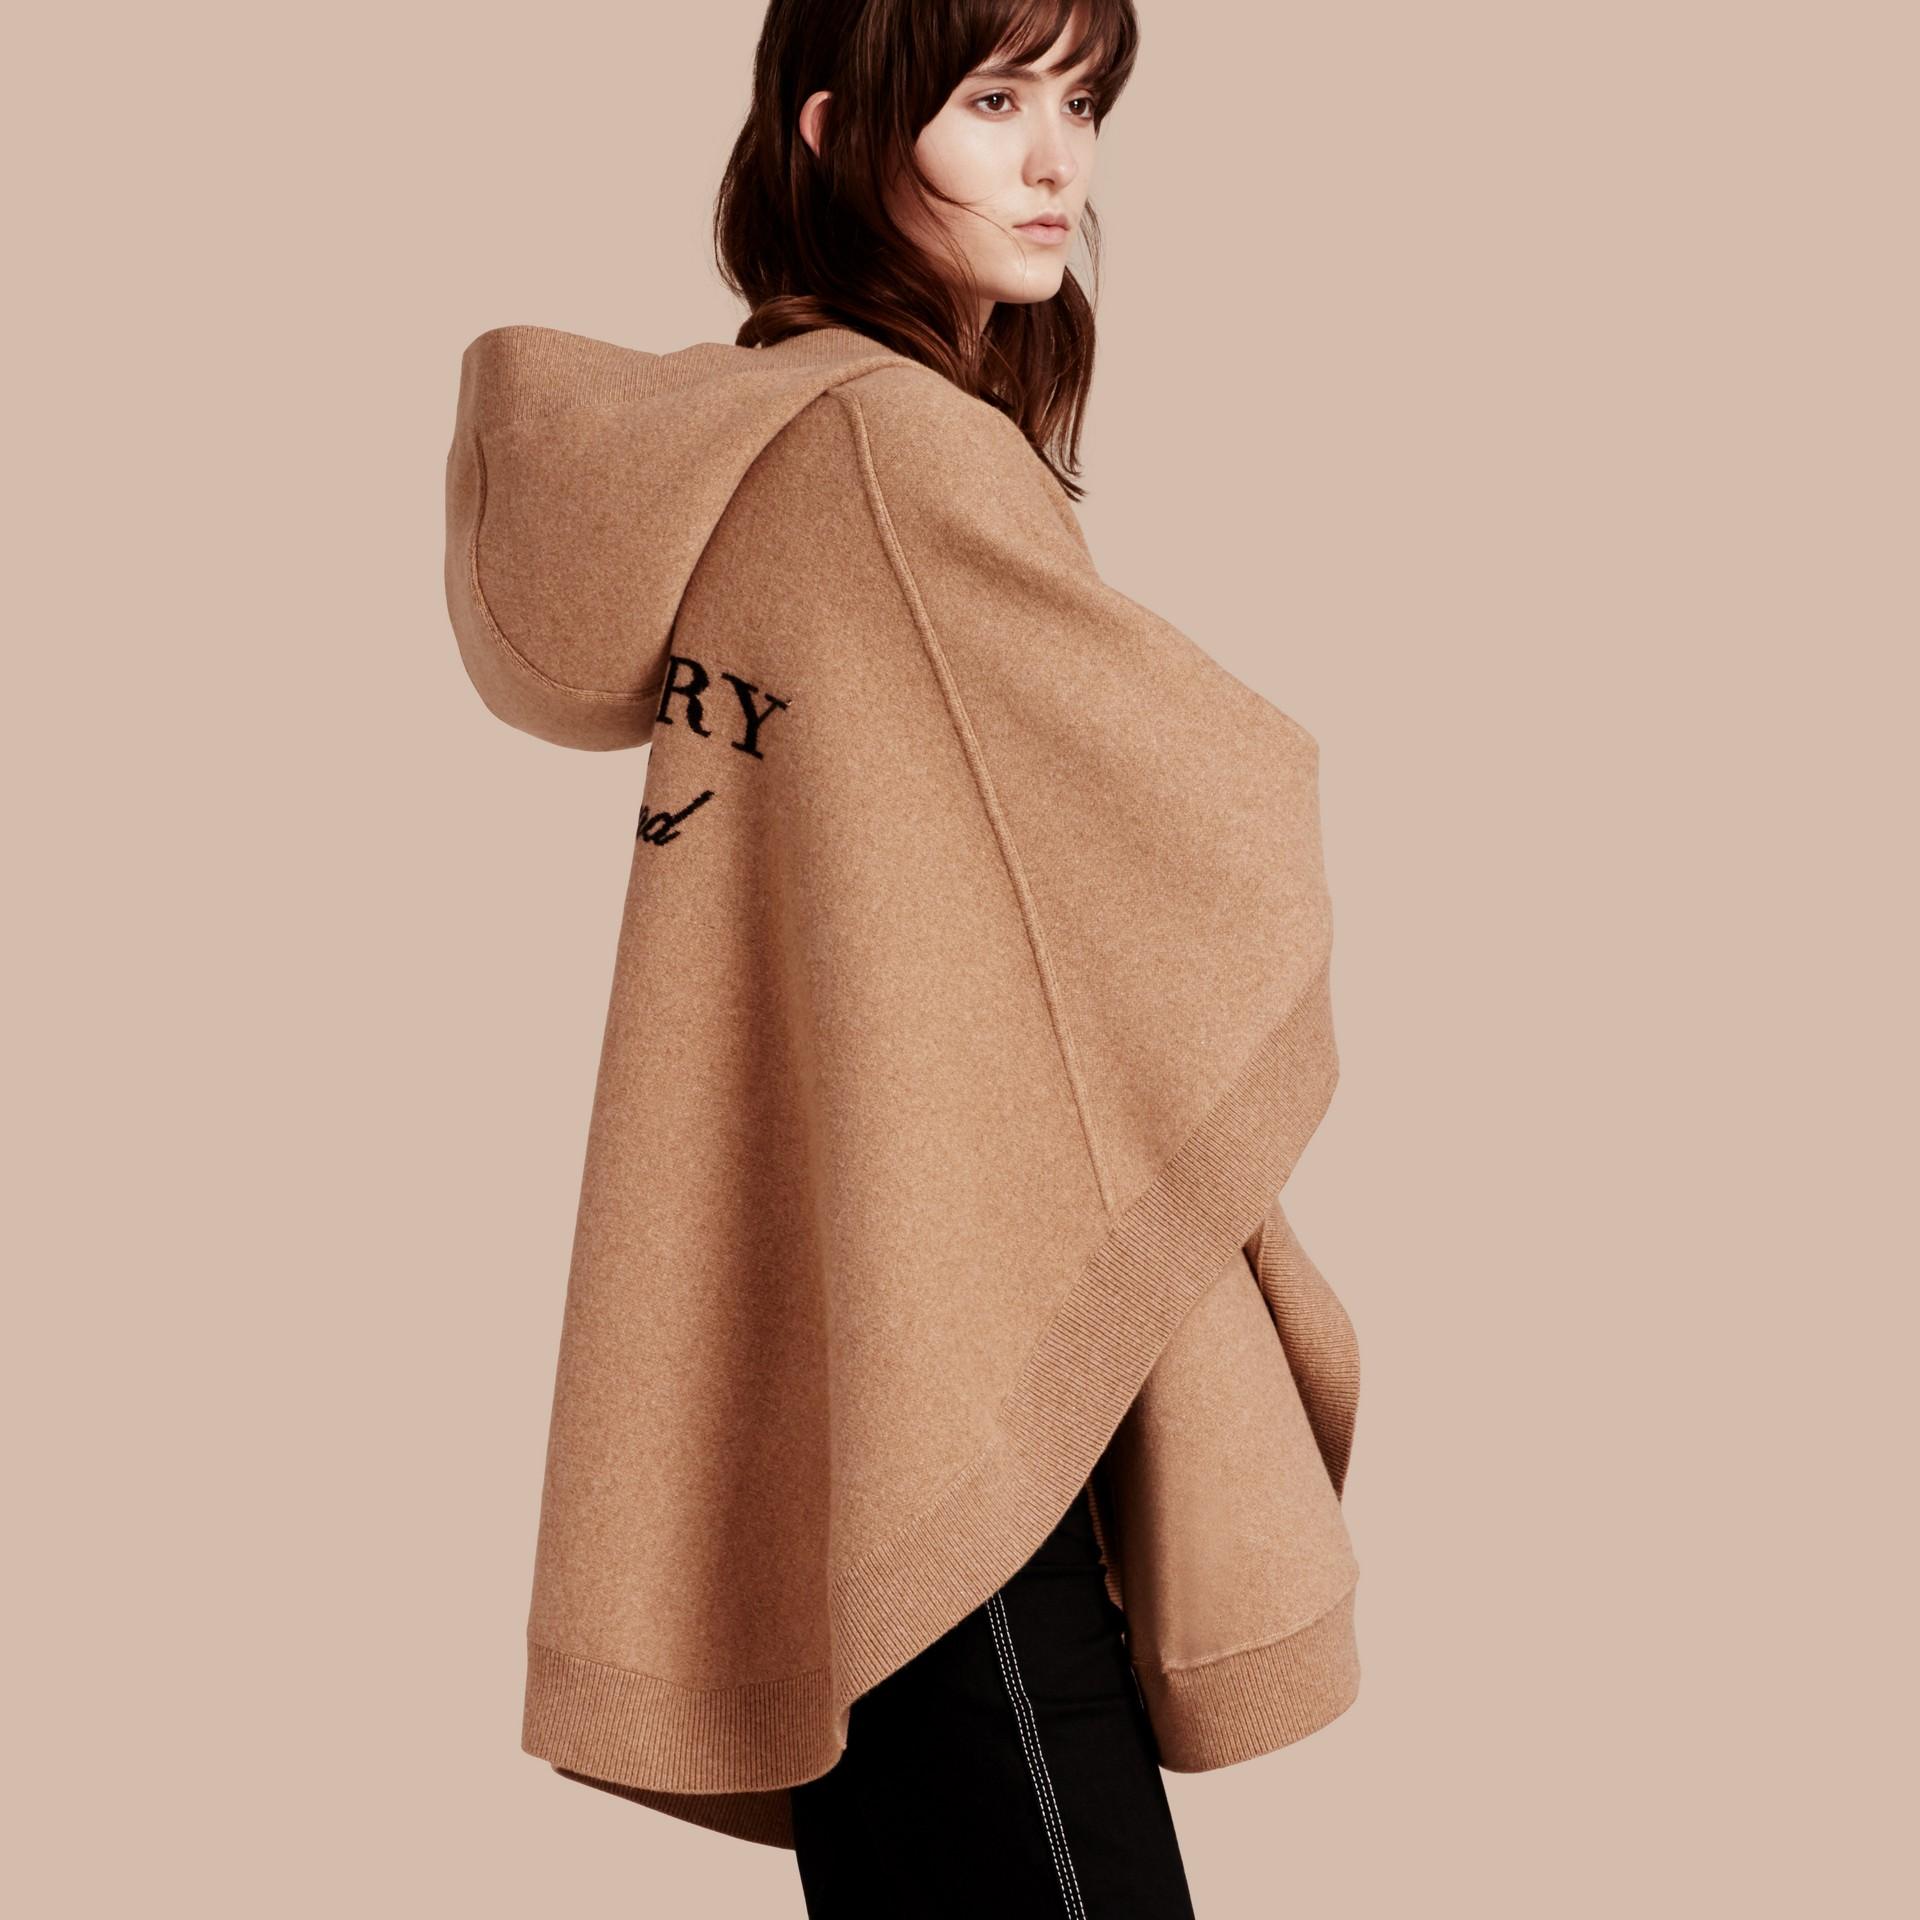 Cammello Poncho con cappuccio in misto lana e cashmere Cammello - immagine della galleria 1